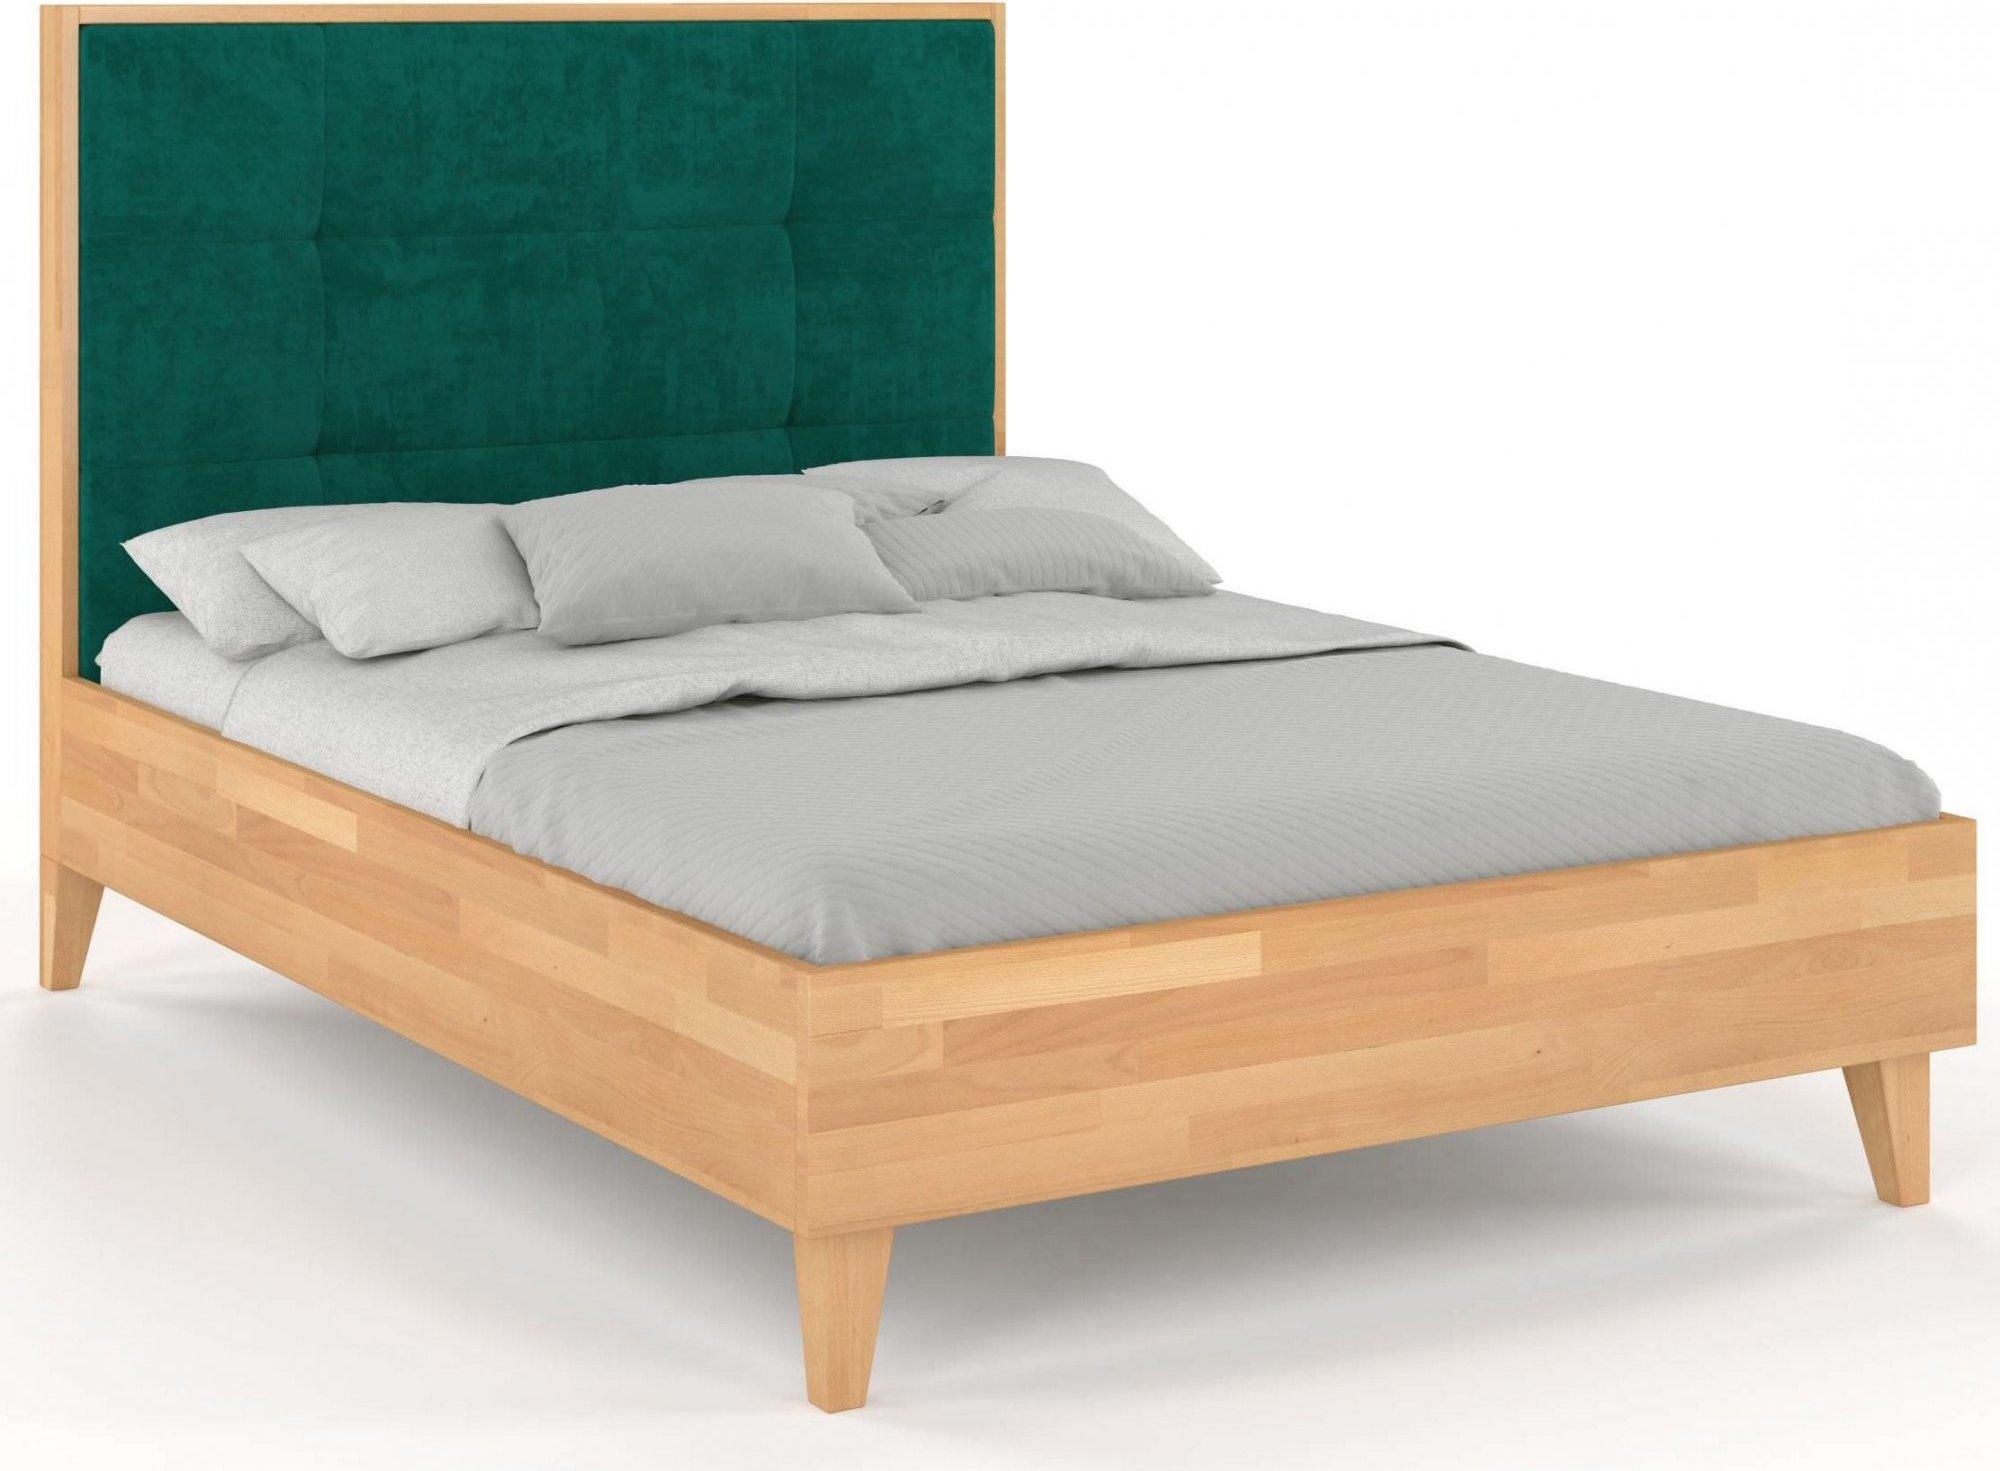 Lit avec tête de lit sommier hêtre massif vert 180x200cm